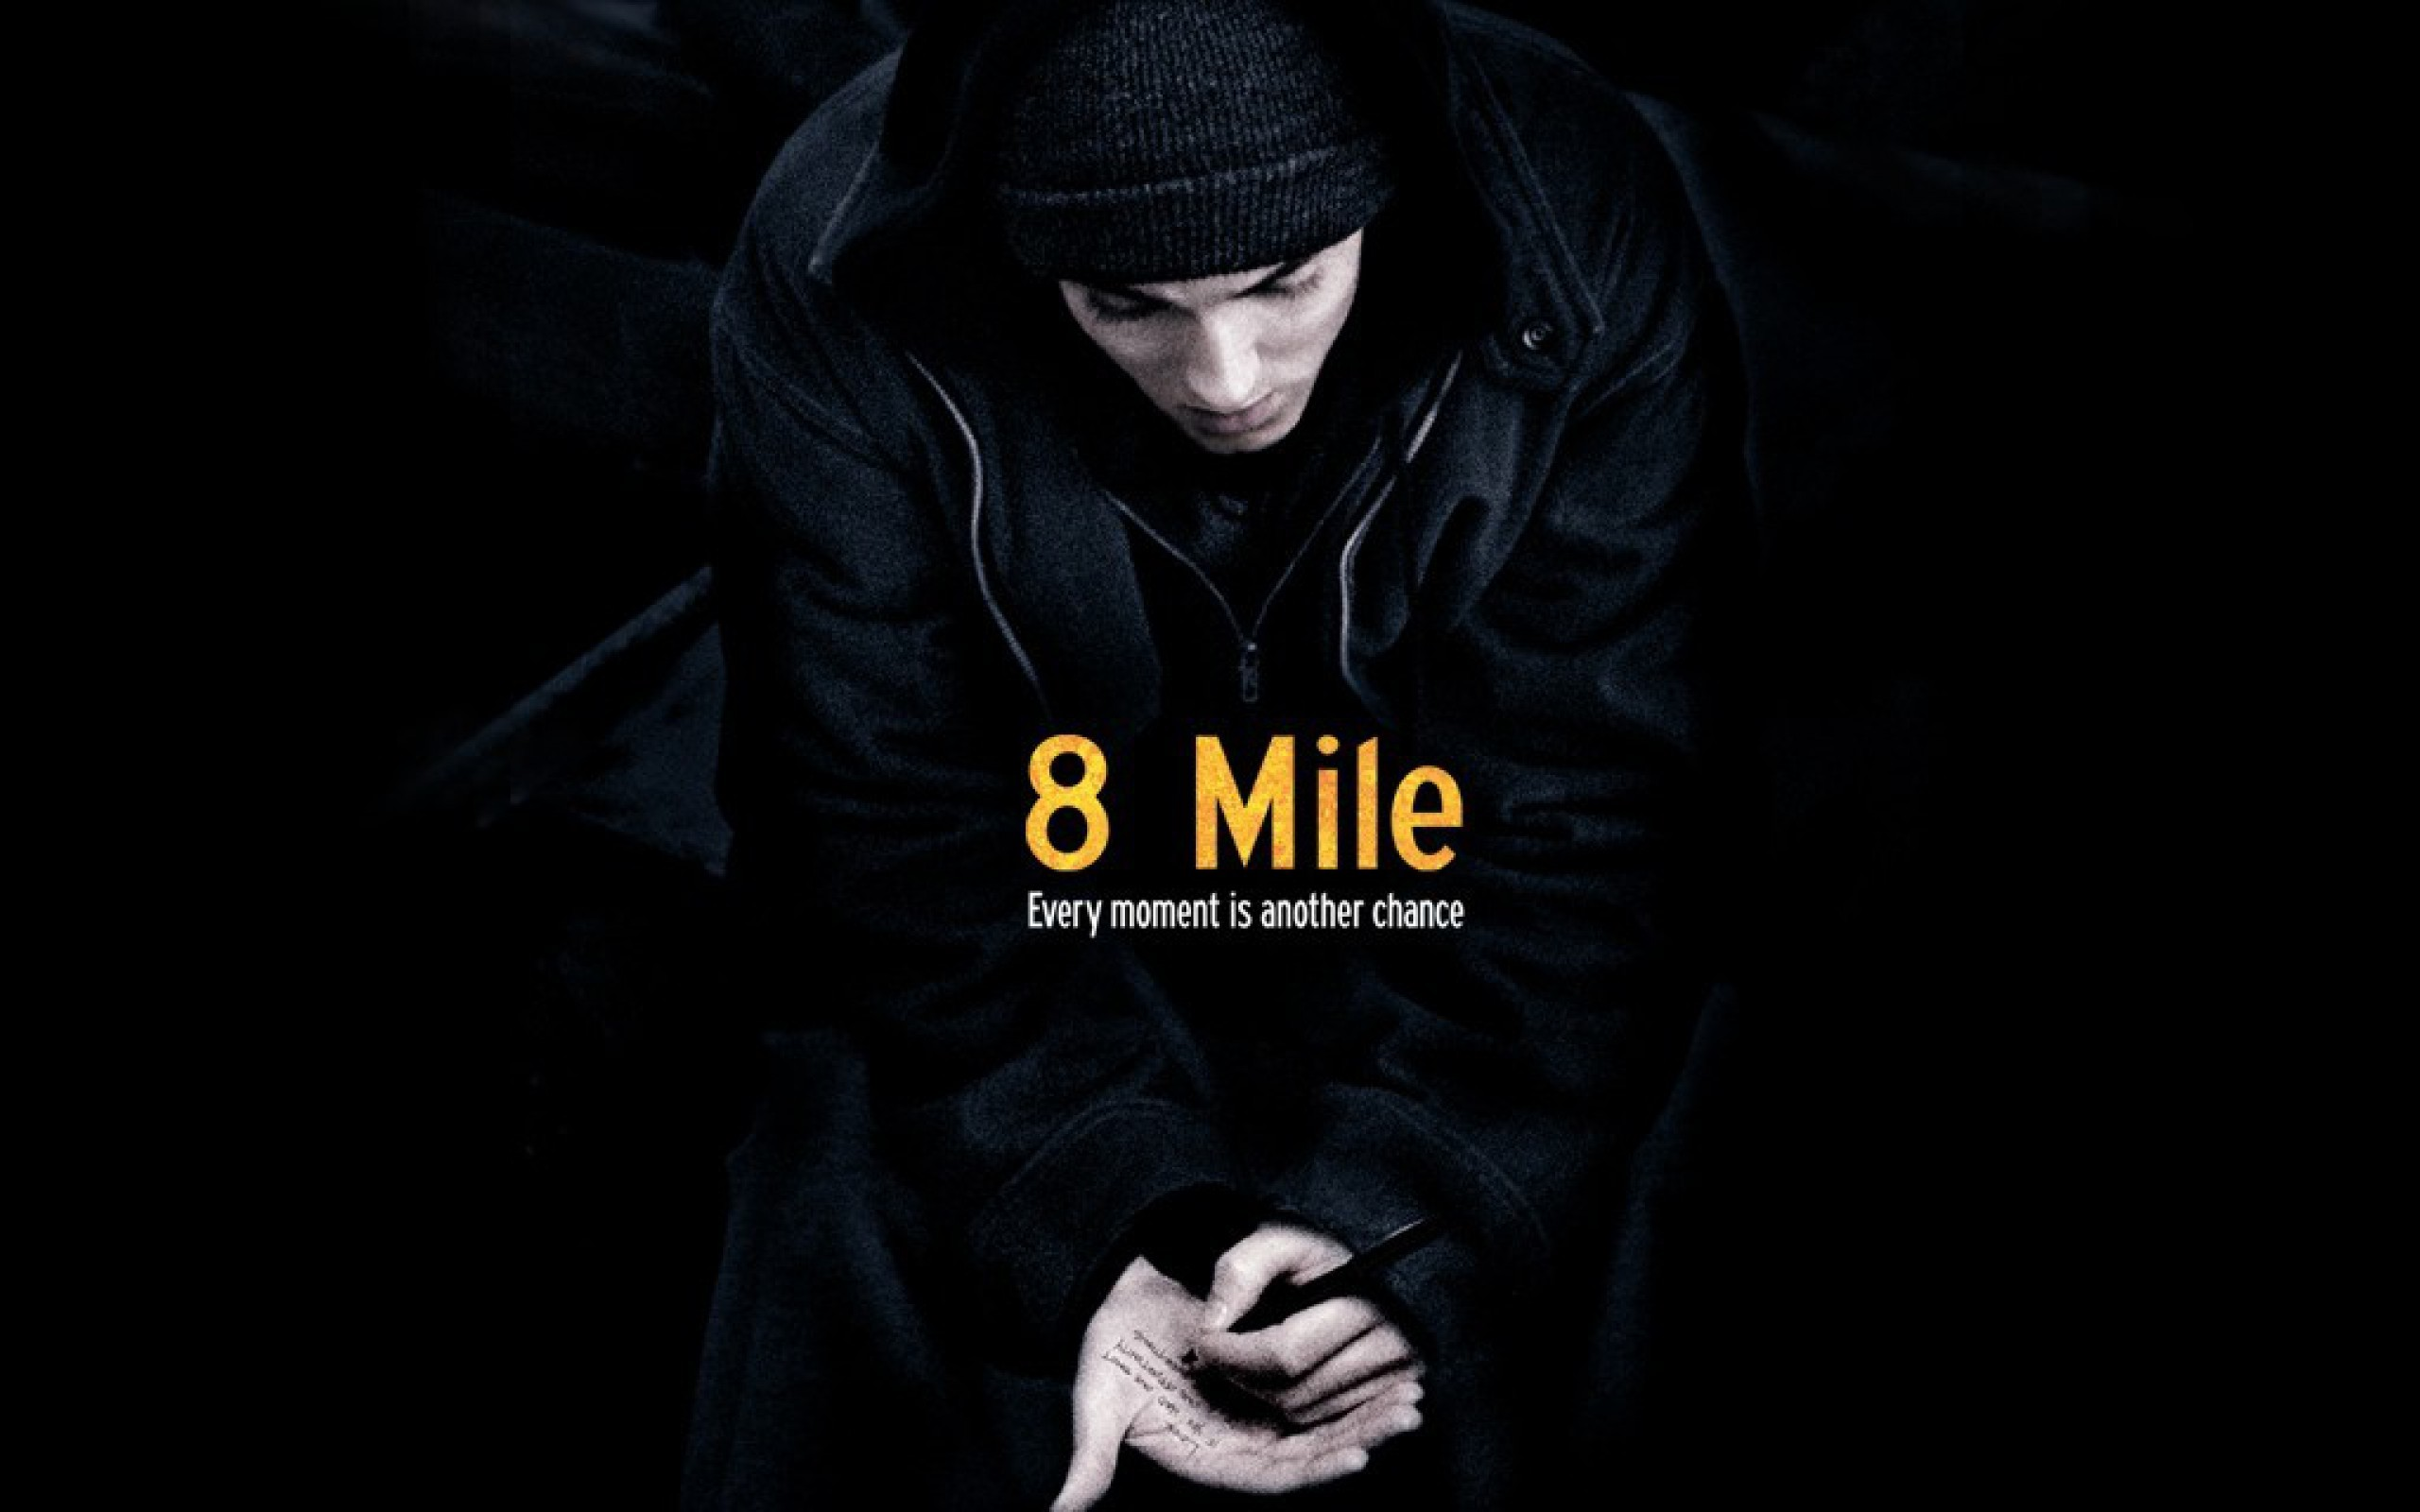 eminem wallpaper 8 mile (66+ pictures)